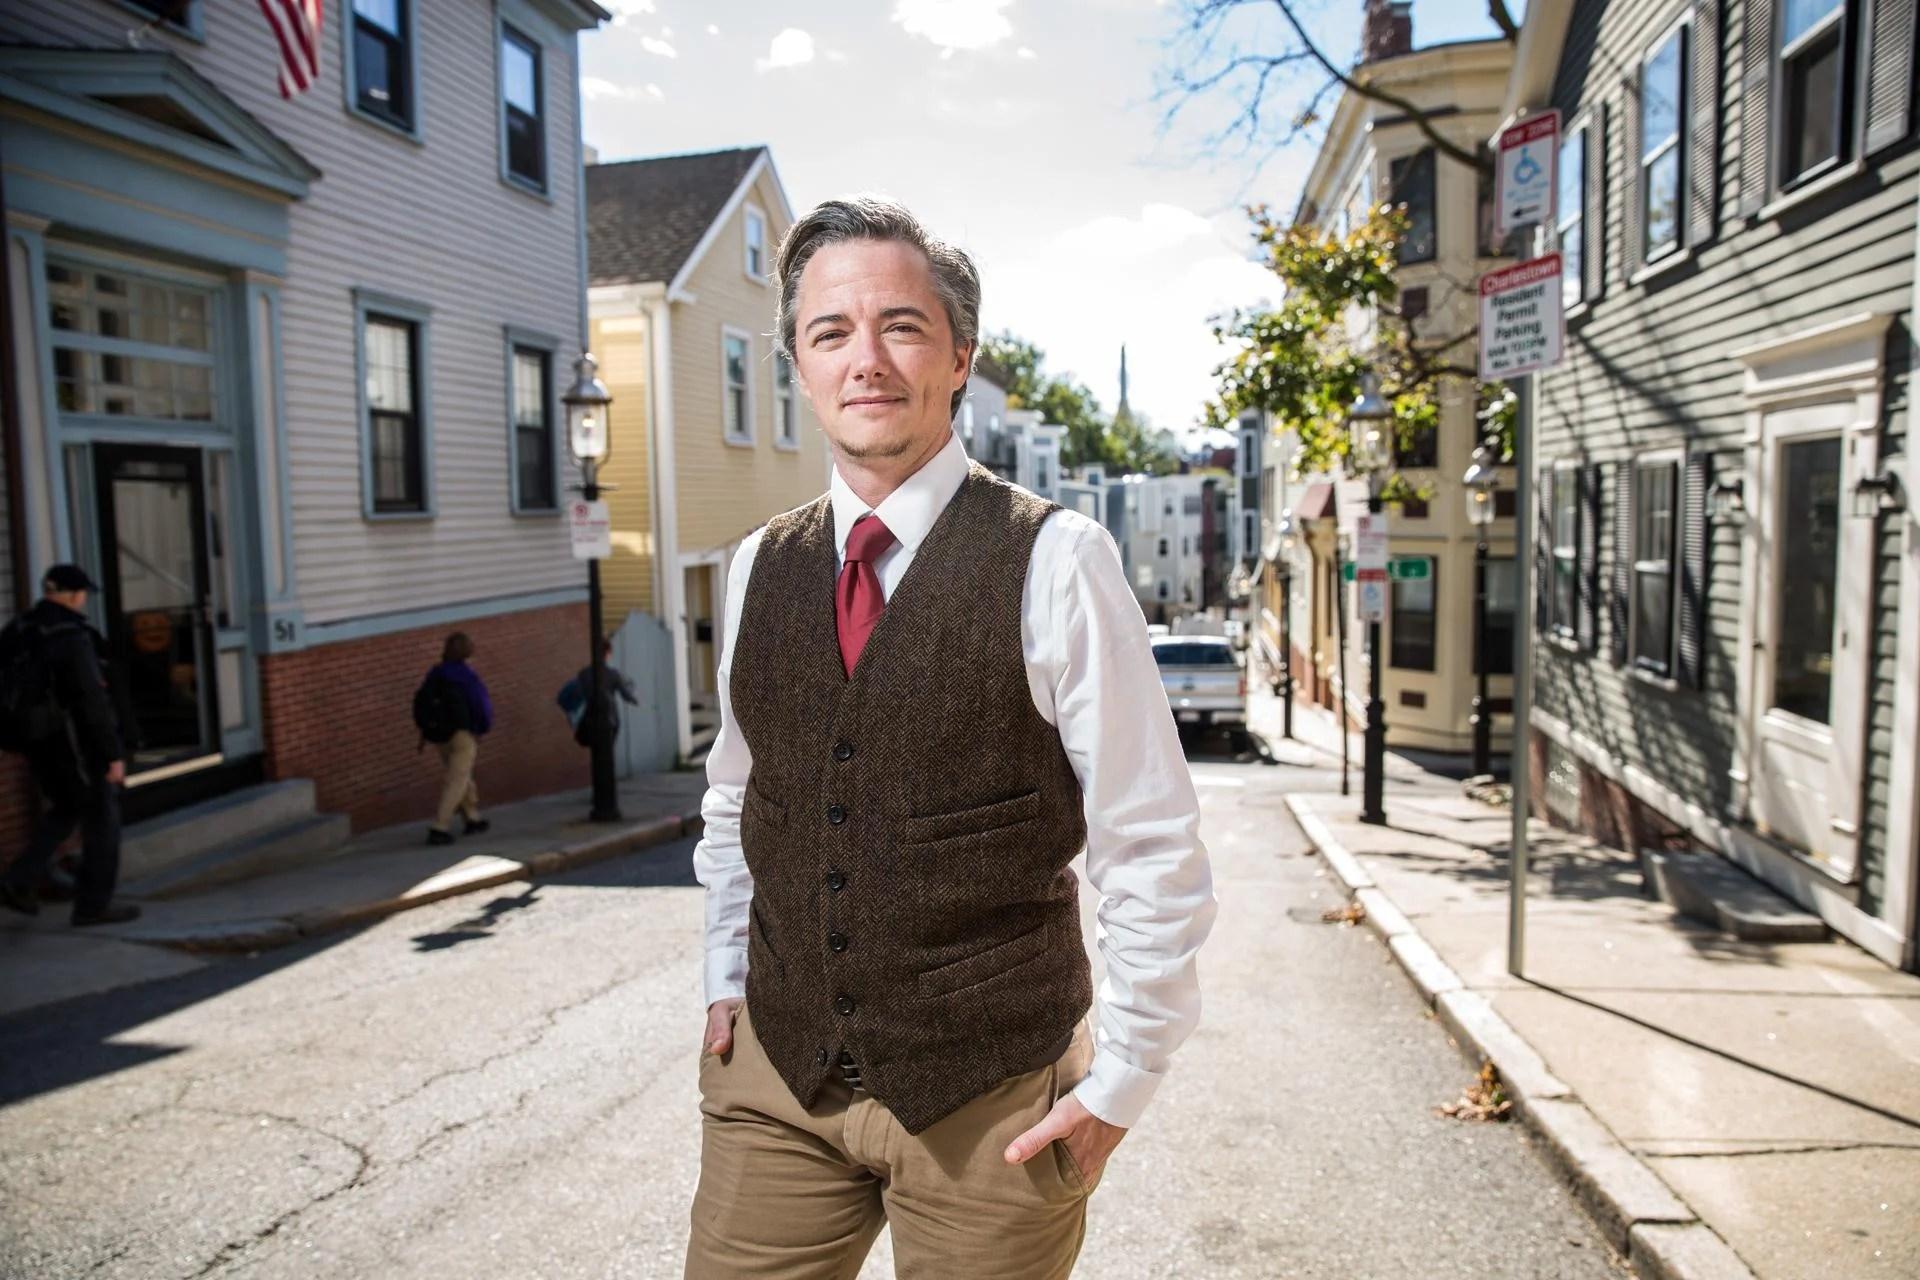 10/24/2016 CHARLESTOWN, MA Hoarding Intervention Program Manager Jesse Edsell-Vetter (cq) poses for a portrait in Charlestown. (Aram Boghosian for The Boston Globe)